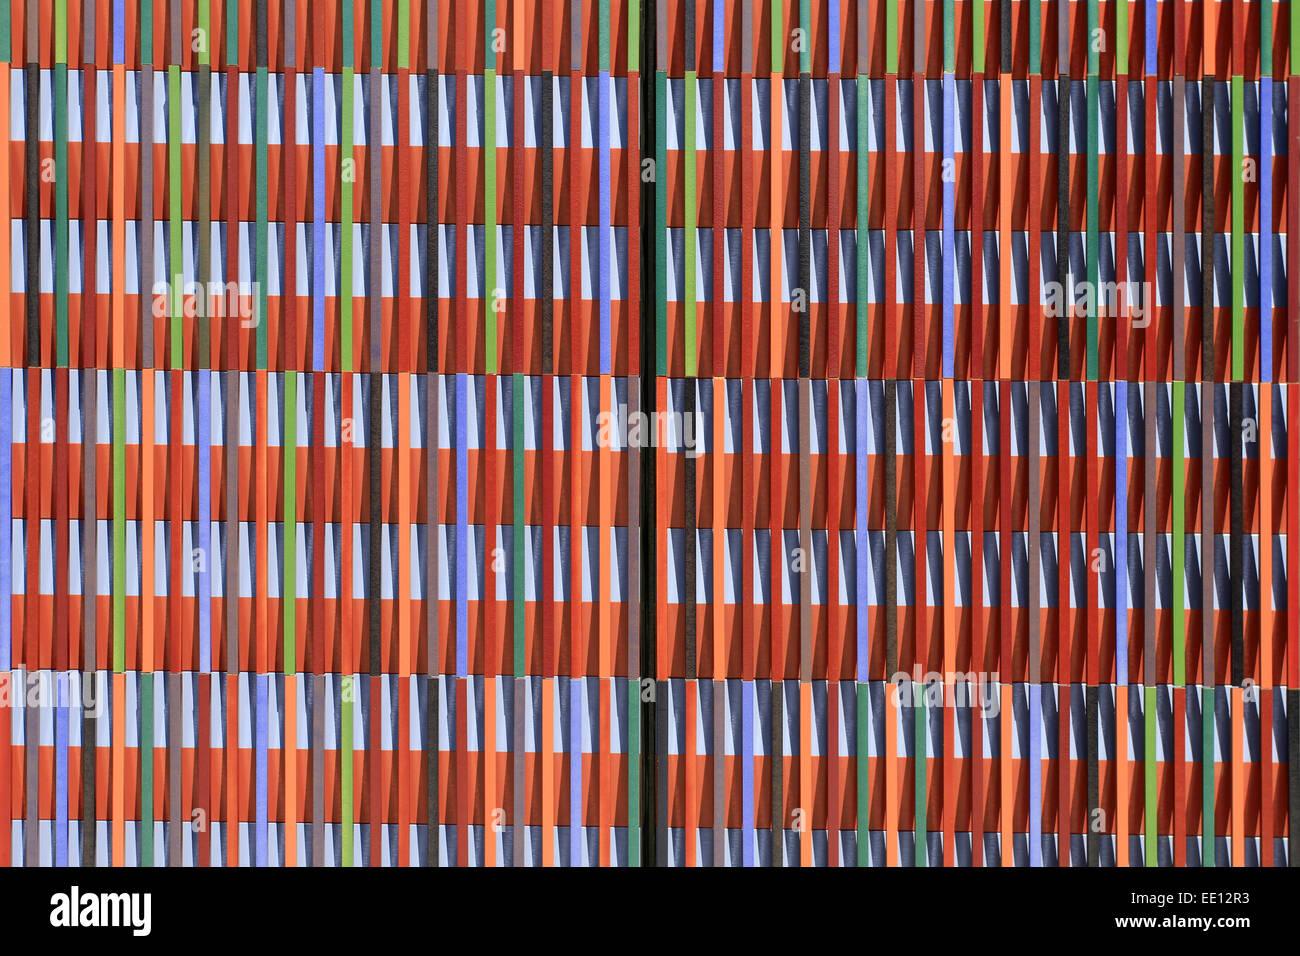 Entzückend Aussenfassade Farben Referenz Von 36, 000 Einzelne Keramikflächen, Architektenbüro Sauerbruch Hutton,